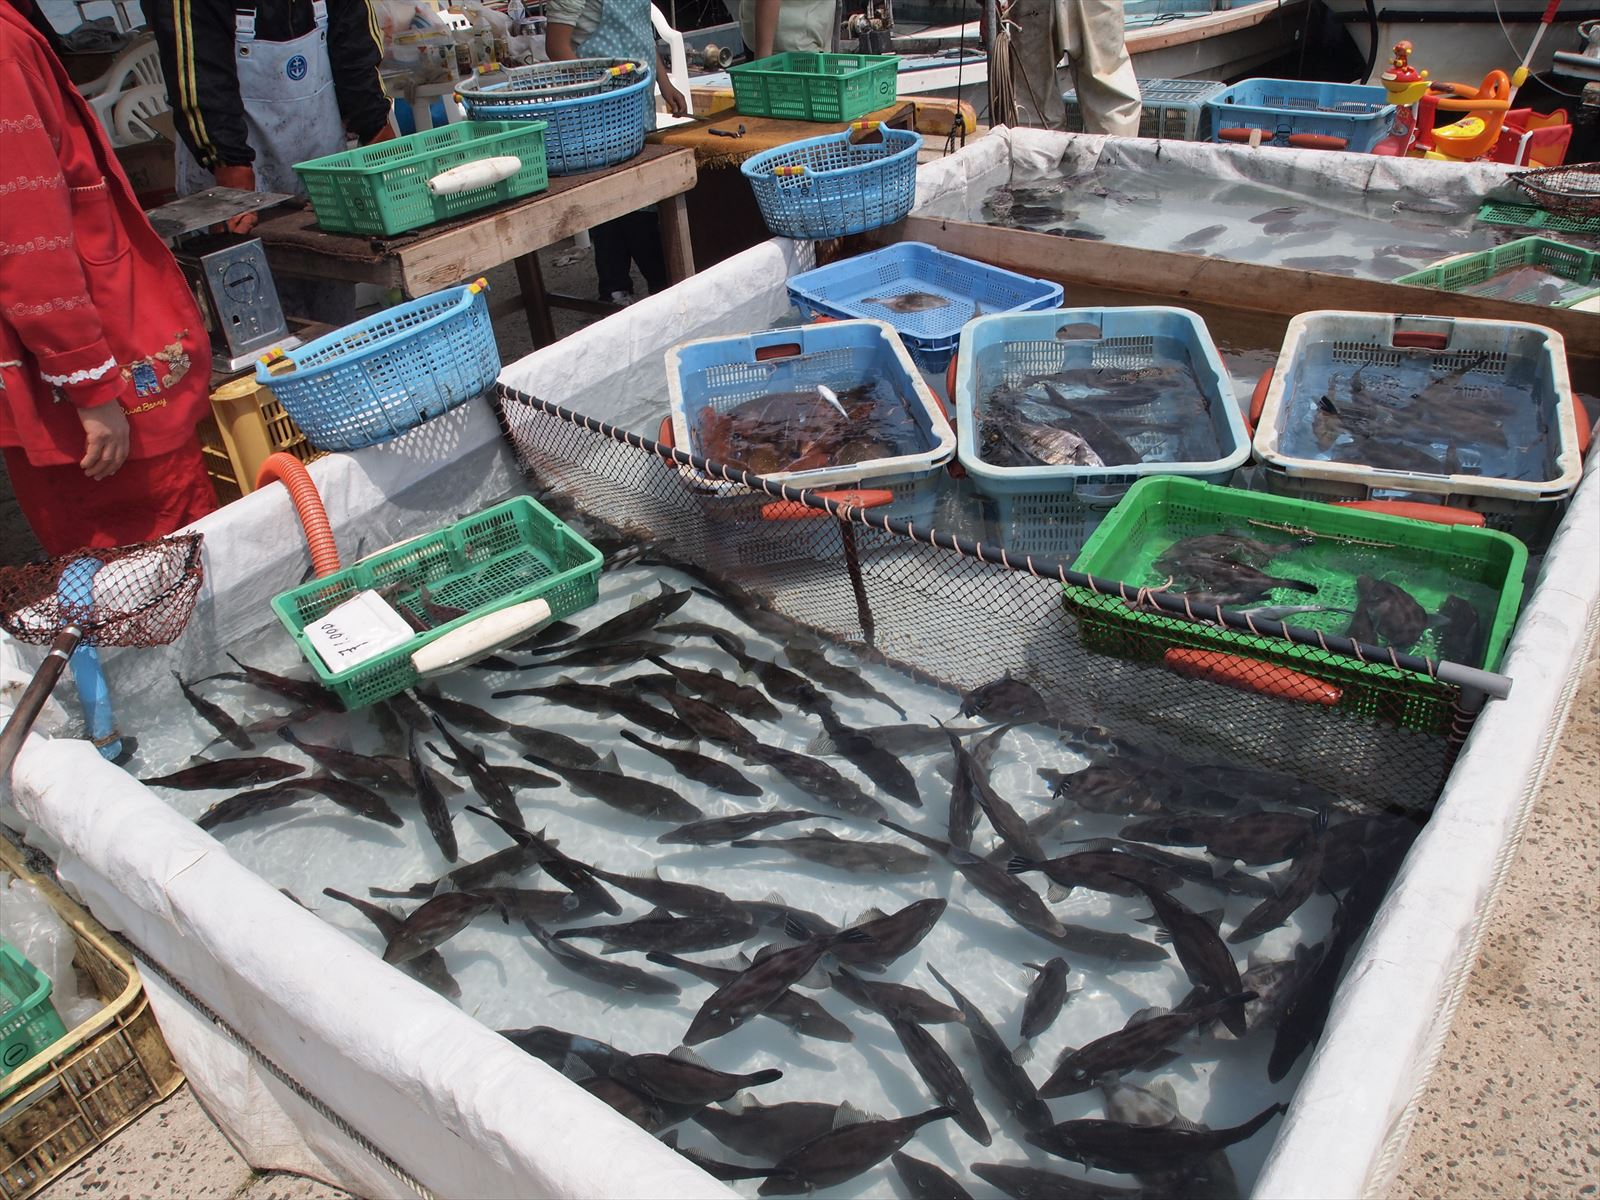 福山市内海町で「うつみ大漁まつりin箱崎漁港」が開催(2015年5月3日)